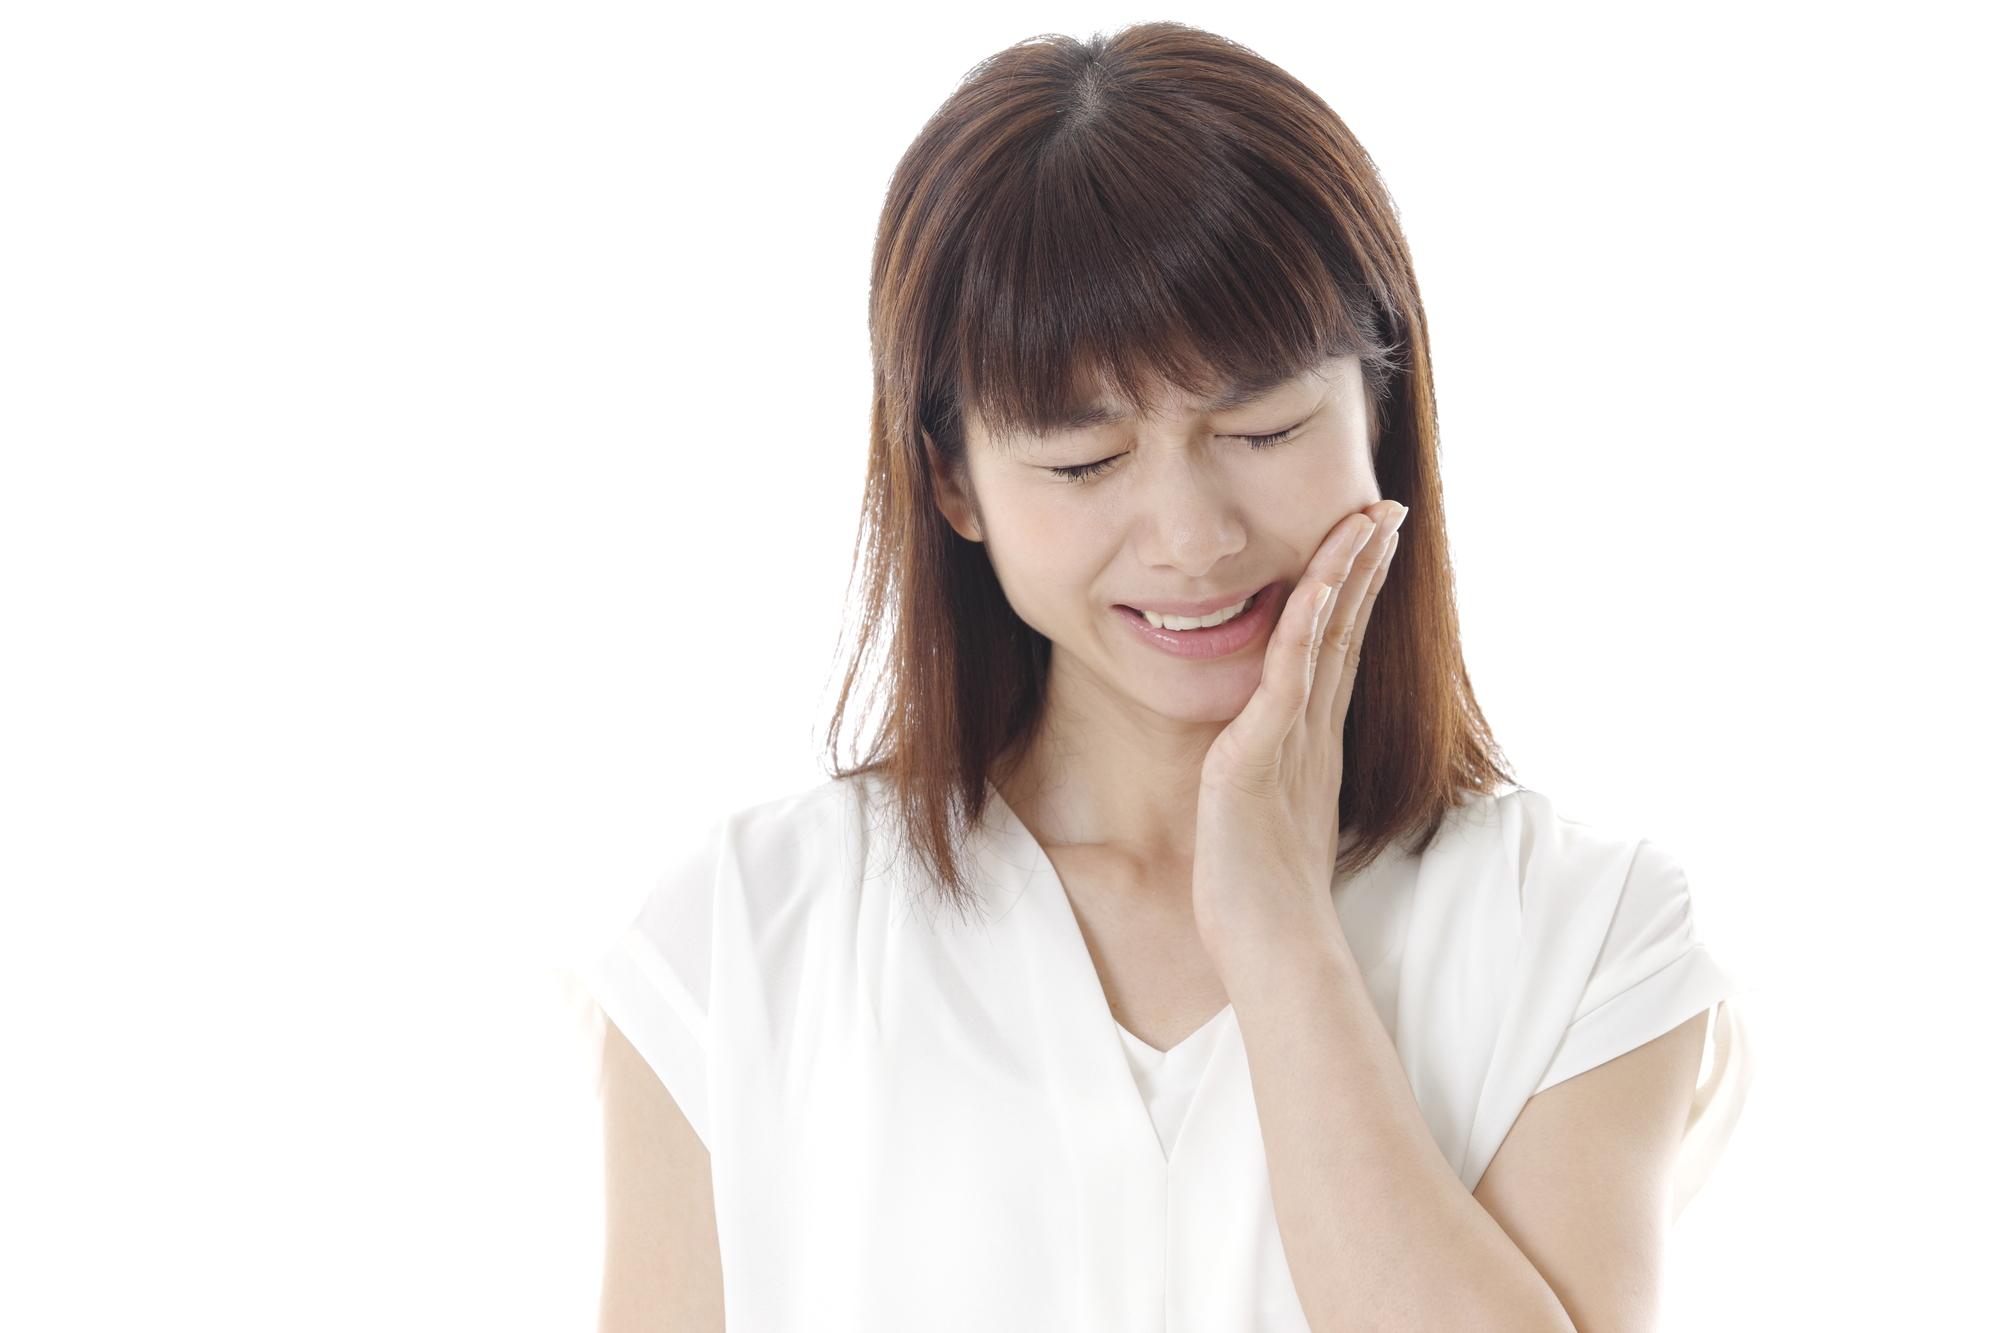 放置した虫歯が痛み出した女性